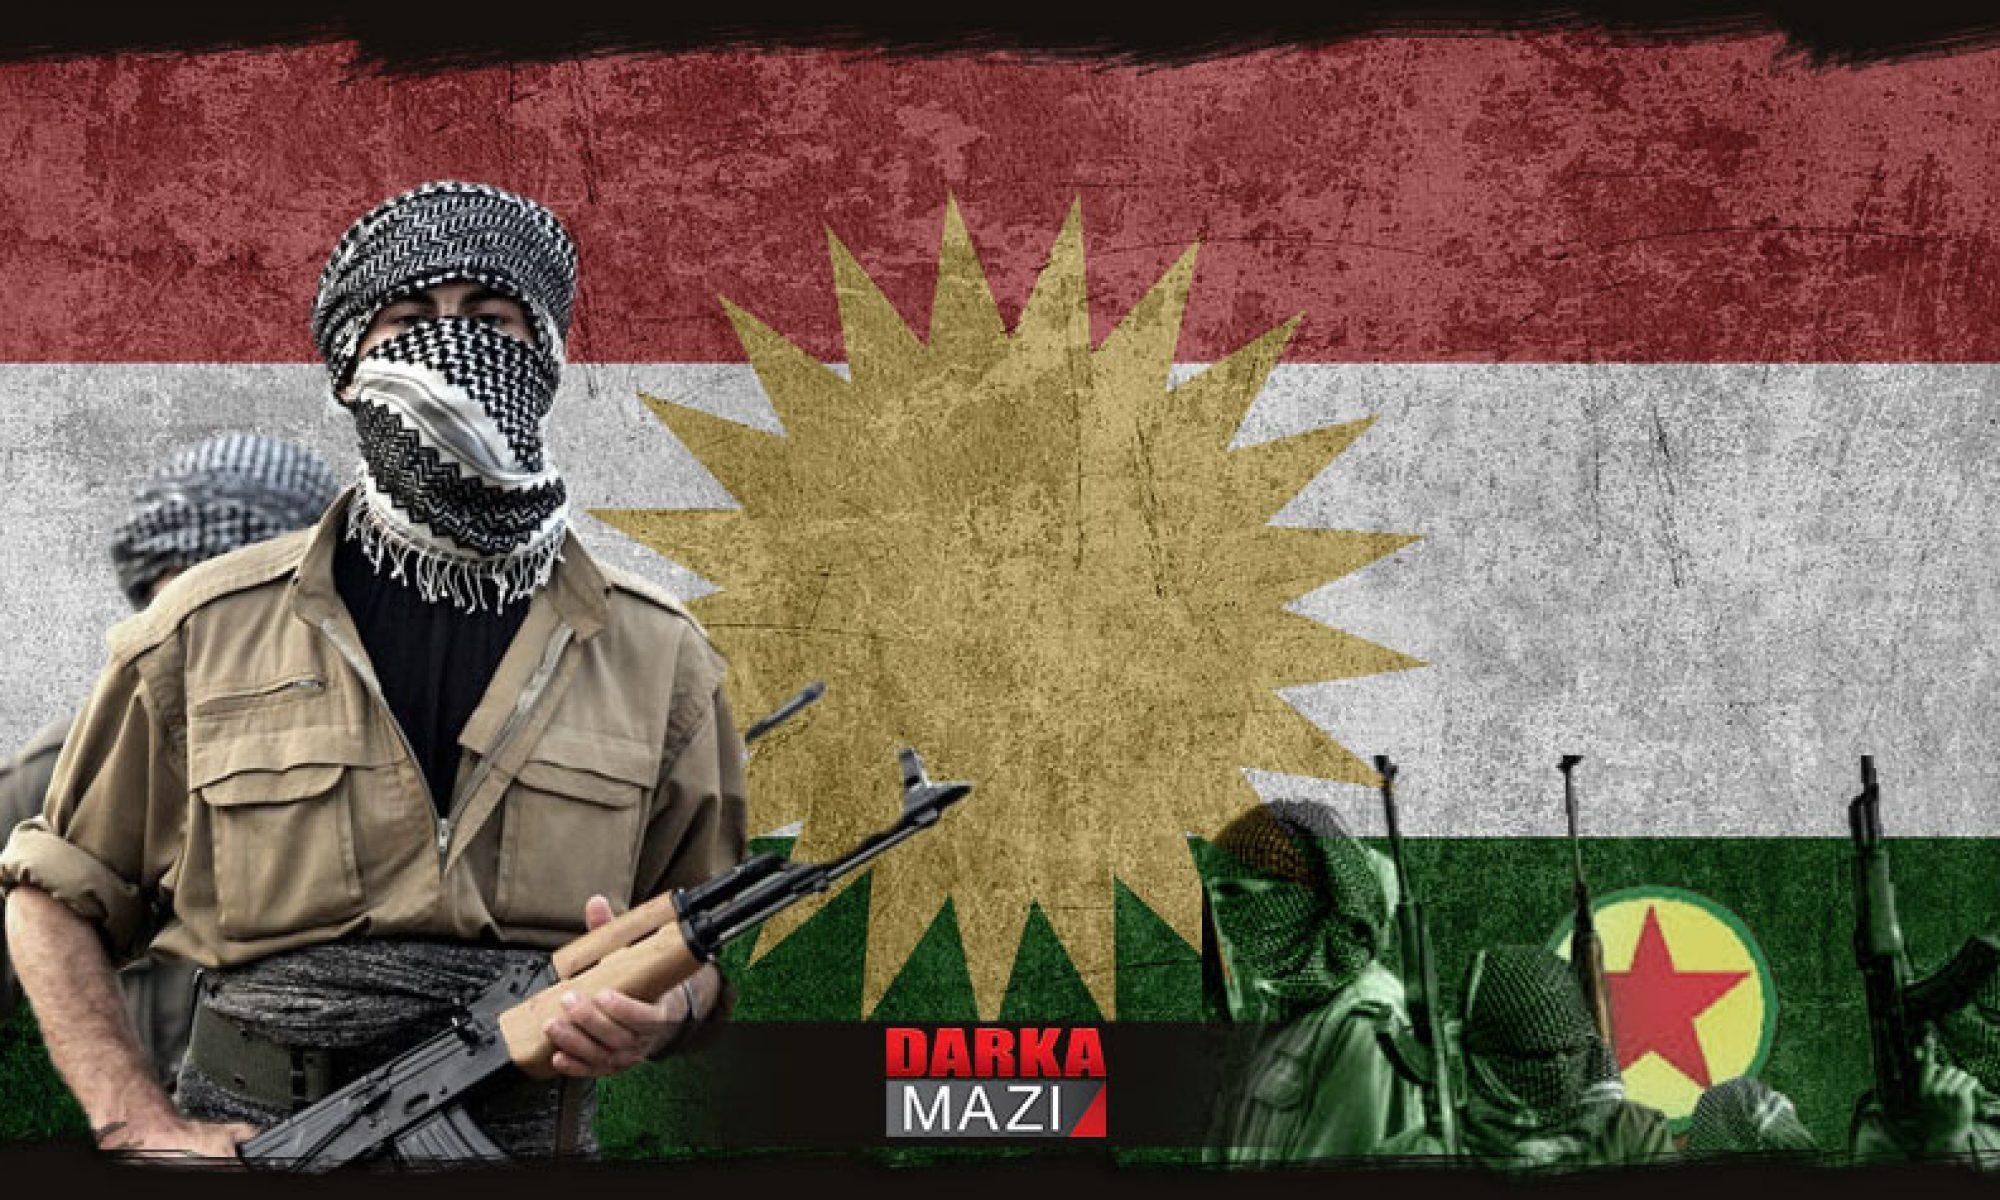 Süleymaniye Güvenlik Komisyonu Başkanı: Şarbajêr bölgesinde ki PKK varlığı halkın güvenliği için ciddi sorun